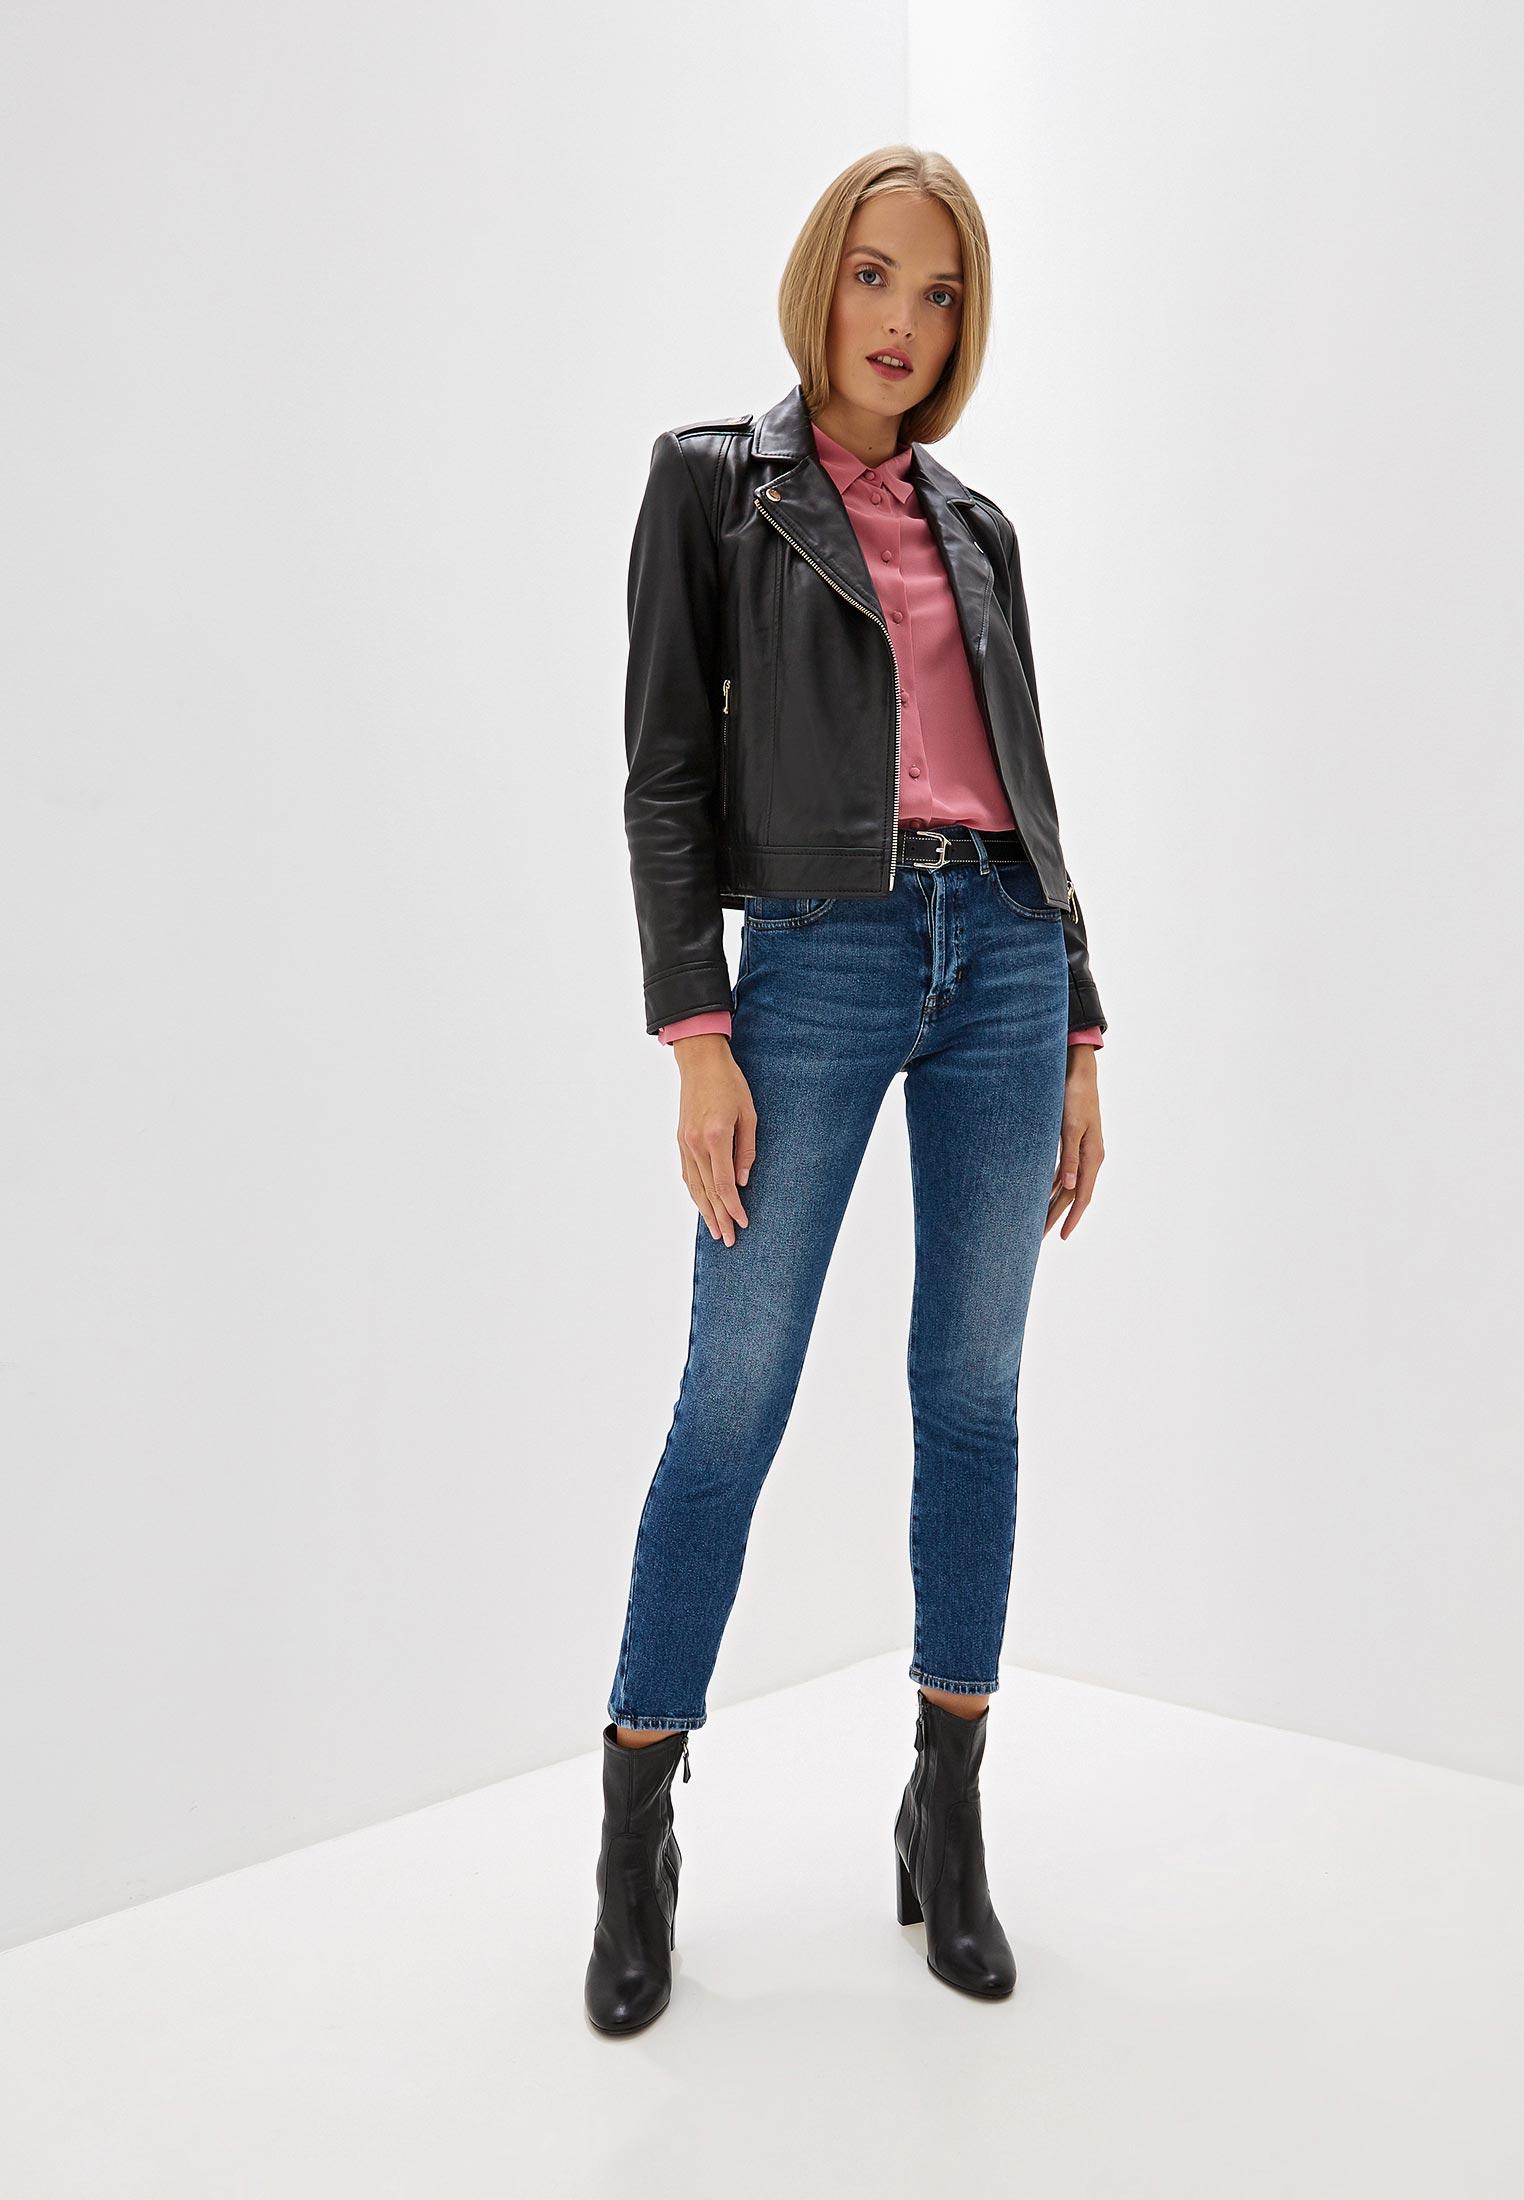 Куртка кожаная, Trussardi Jeans, цвет: черный. Артикул: TR016EWFTBR2. Одежда / Верхняя одежда / Косухи